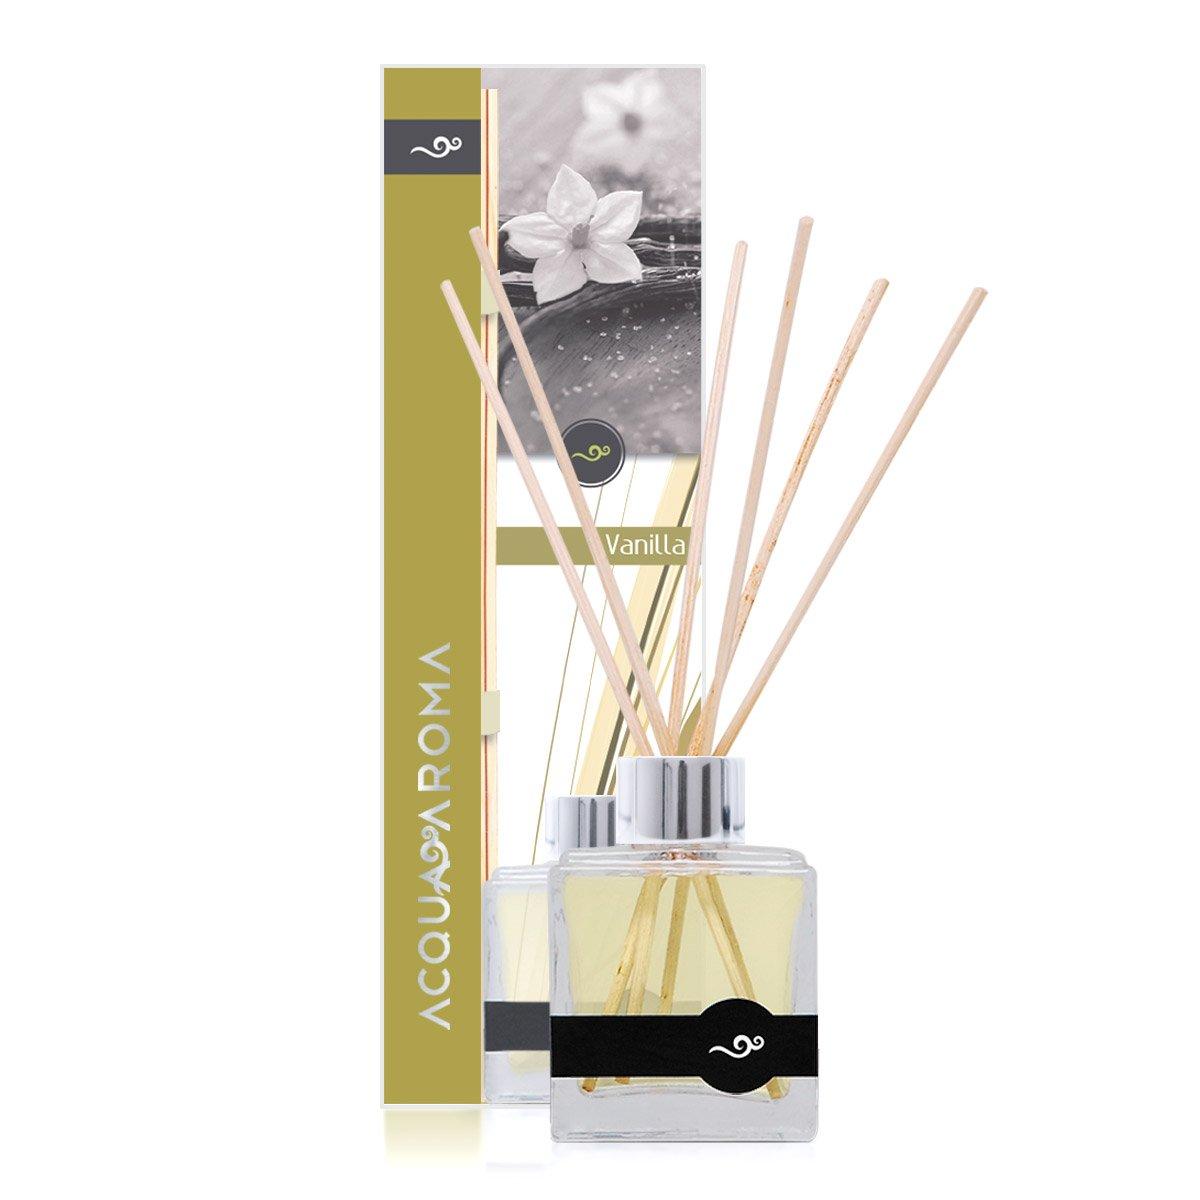 Acqua Aroma Vanilla Reed Diffuser 3.4 FL OZ (100ml)